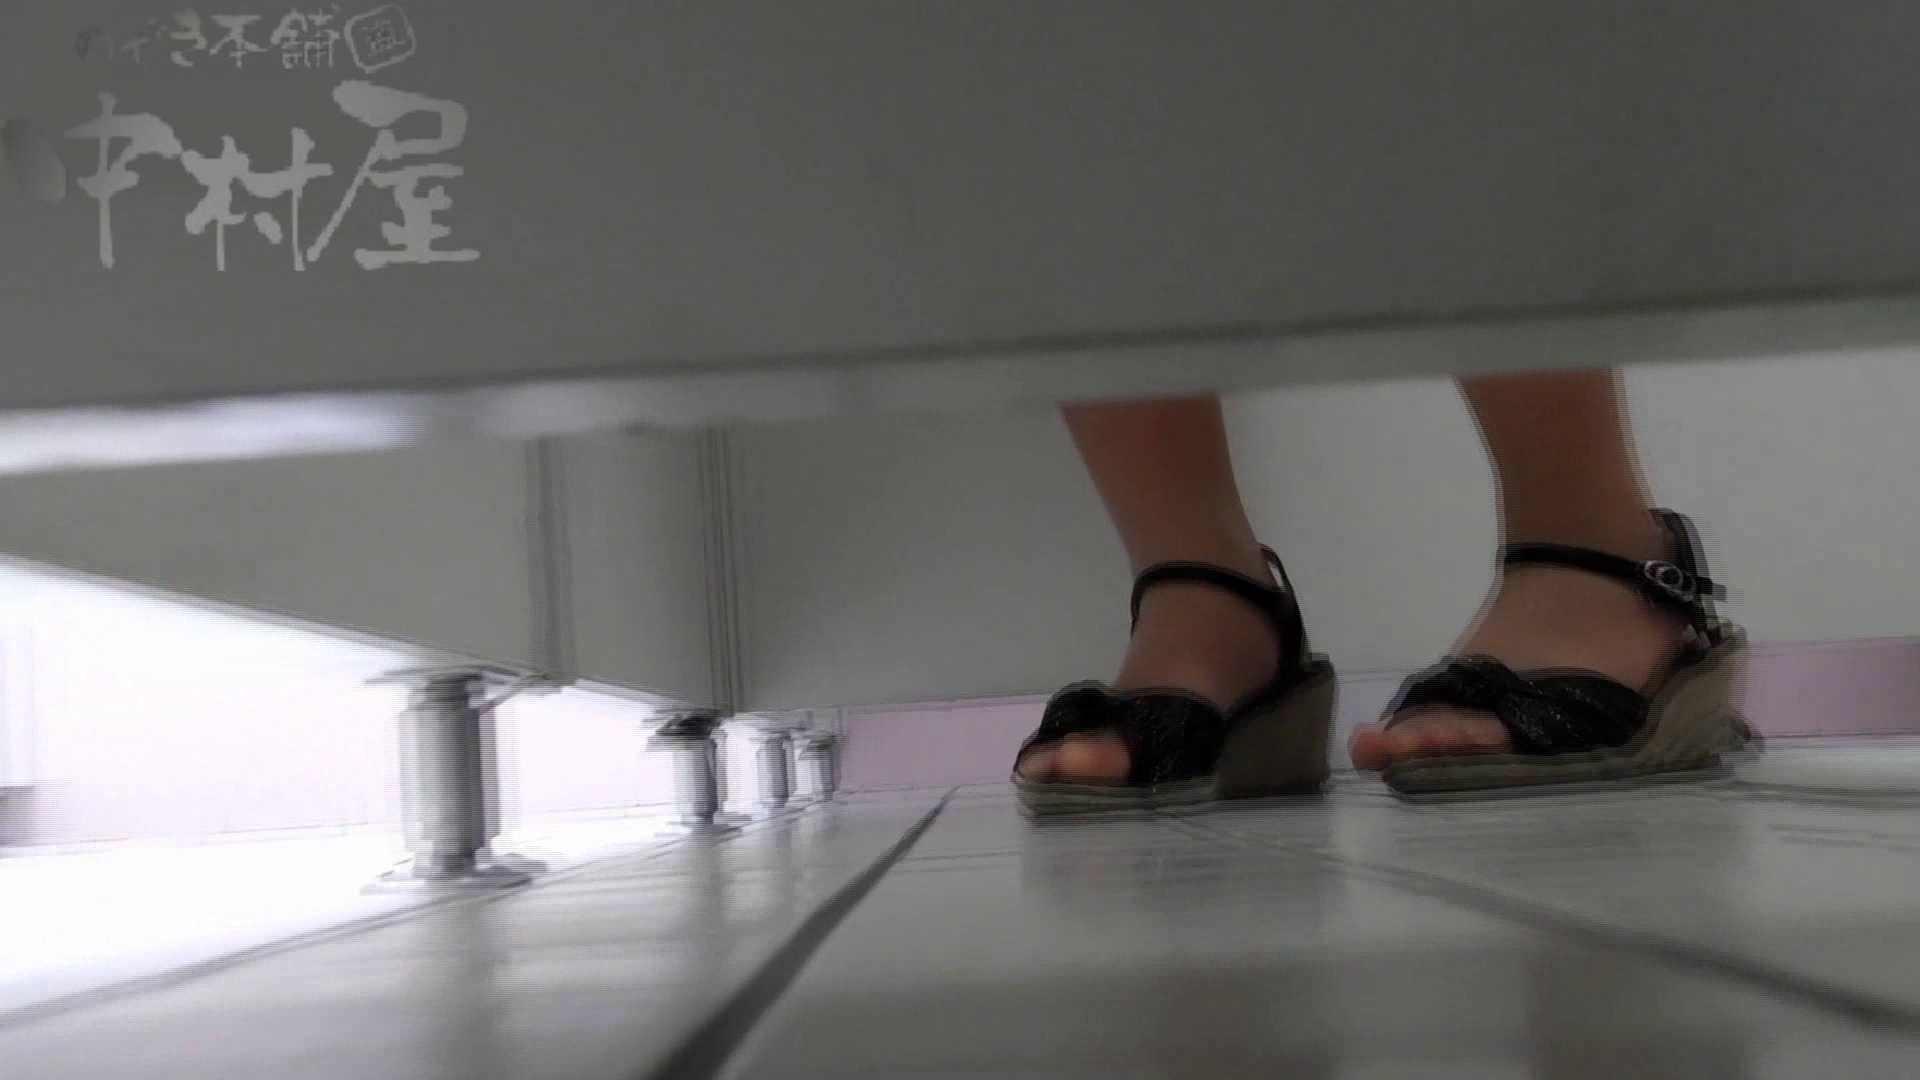 美しい日本の未来 No.34 緊迫!予告モデル撮ろうとしたら清掃員に遭遇 乙女のエロ動画  79PIX 63